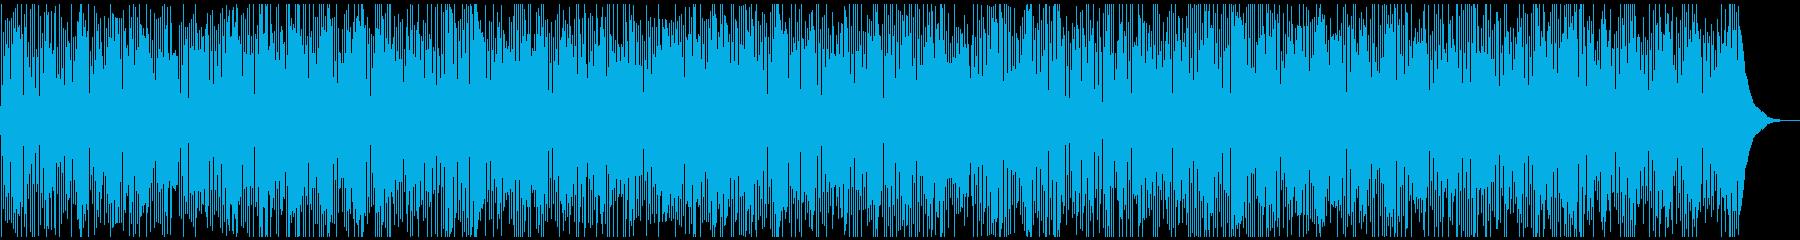 アコースティックカントリーロックの再生済みの波形